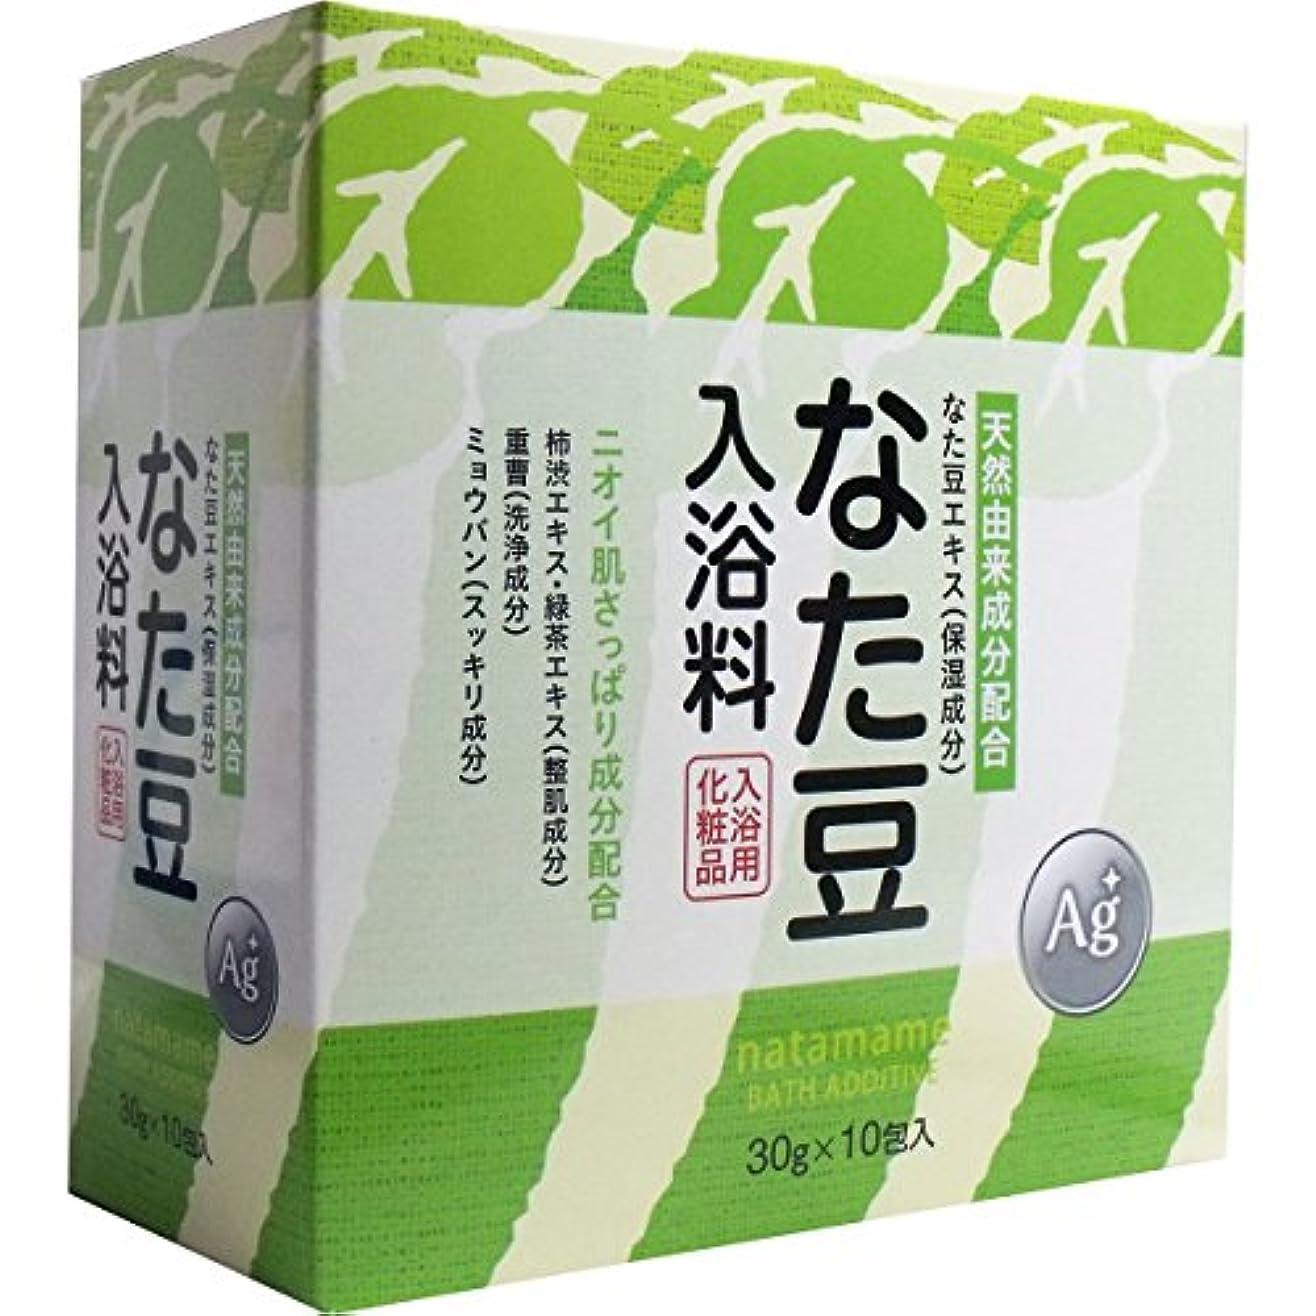 ギャングスターアンソロジー縫い目天然由来成分配合 なた豆入浴料 入浴用化粧品 30g×10包入